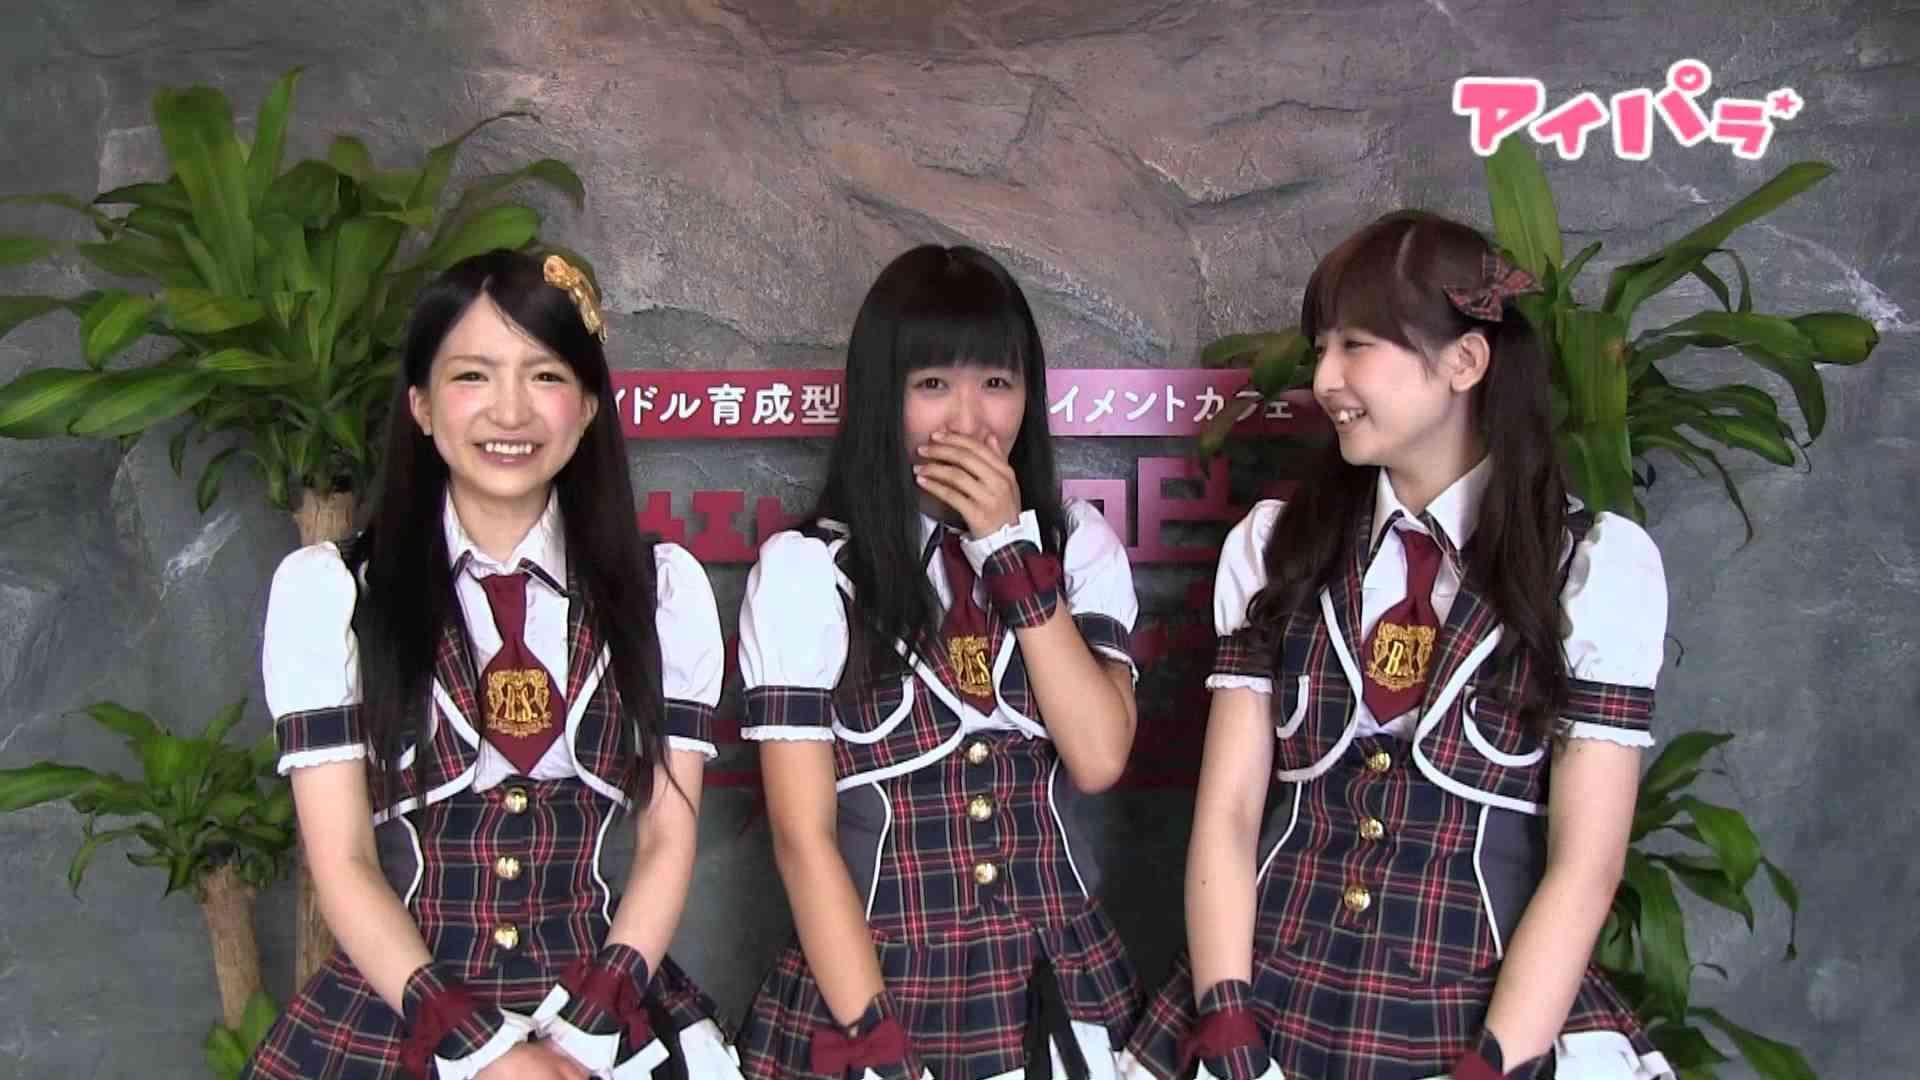 バクステ外神田一丁目② キミオシアイドルを探せ! 2012,08/17 - YouTube